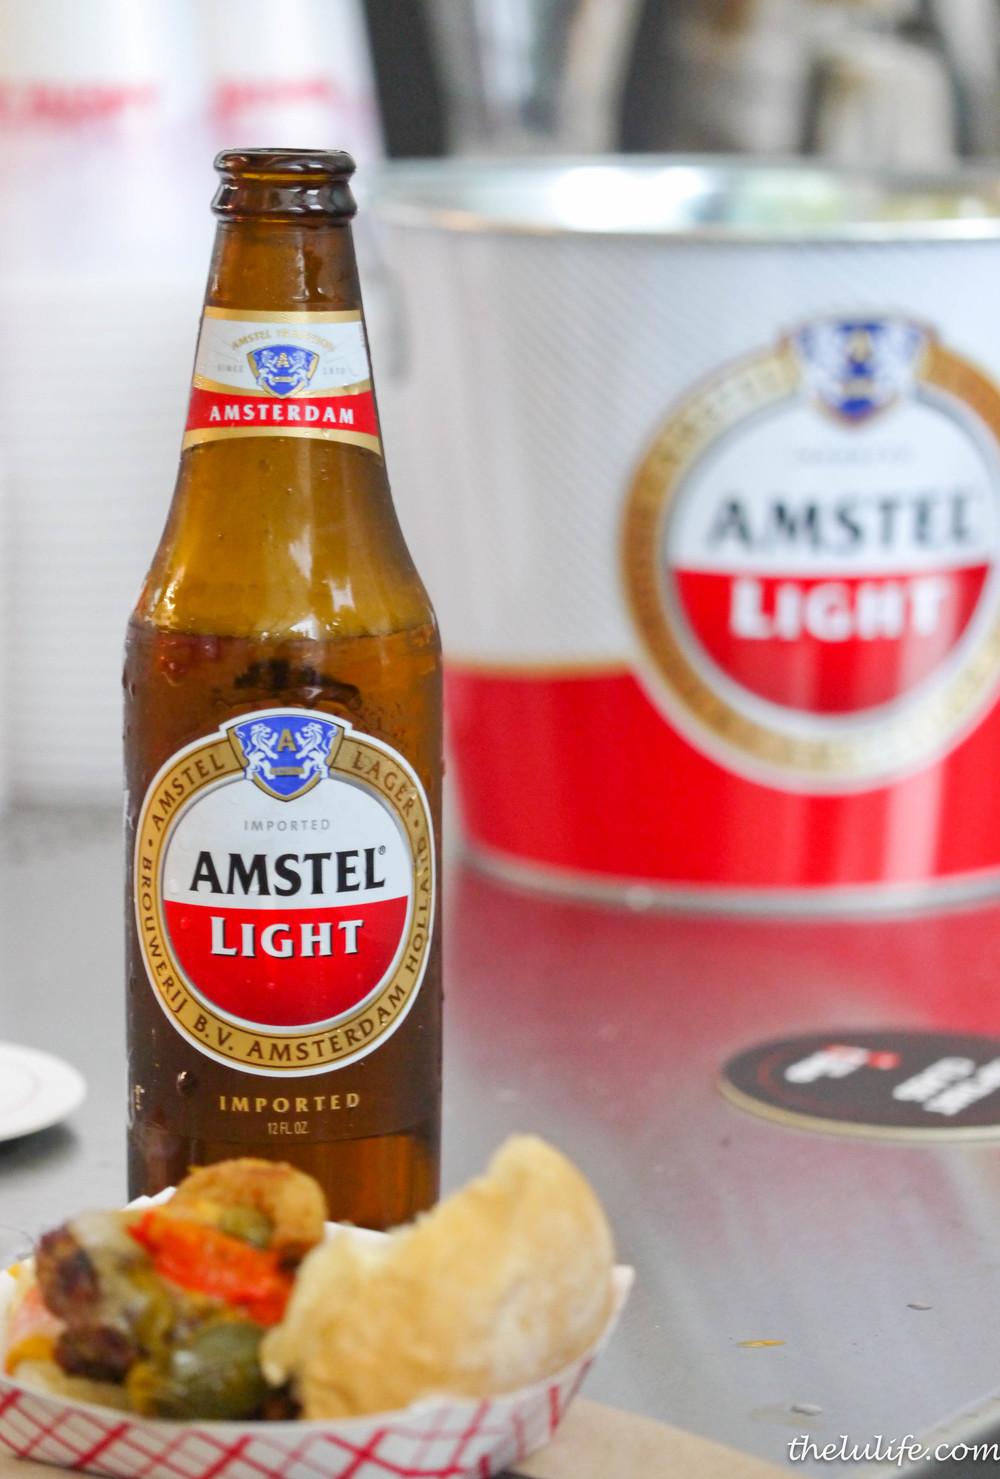 p1100216-amstel-light-sponsor.jpg